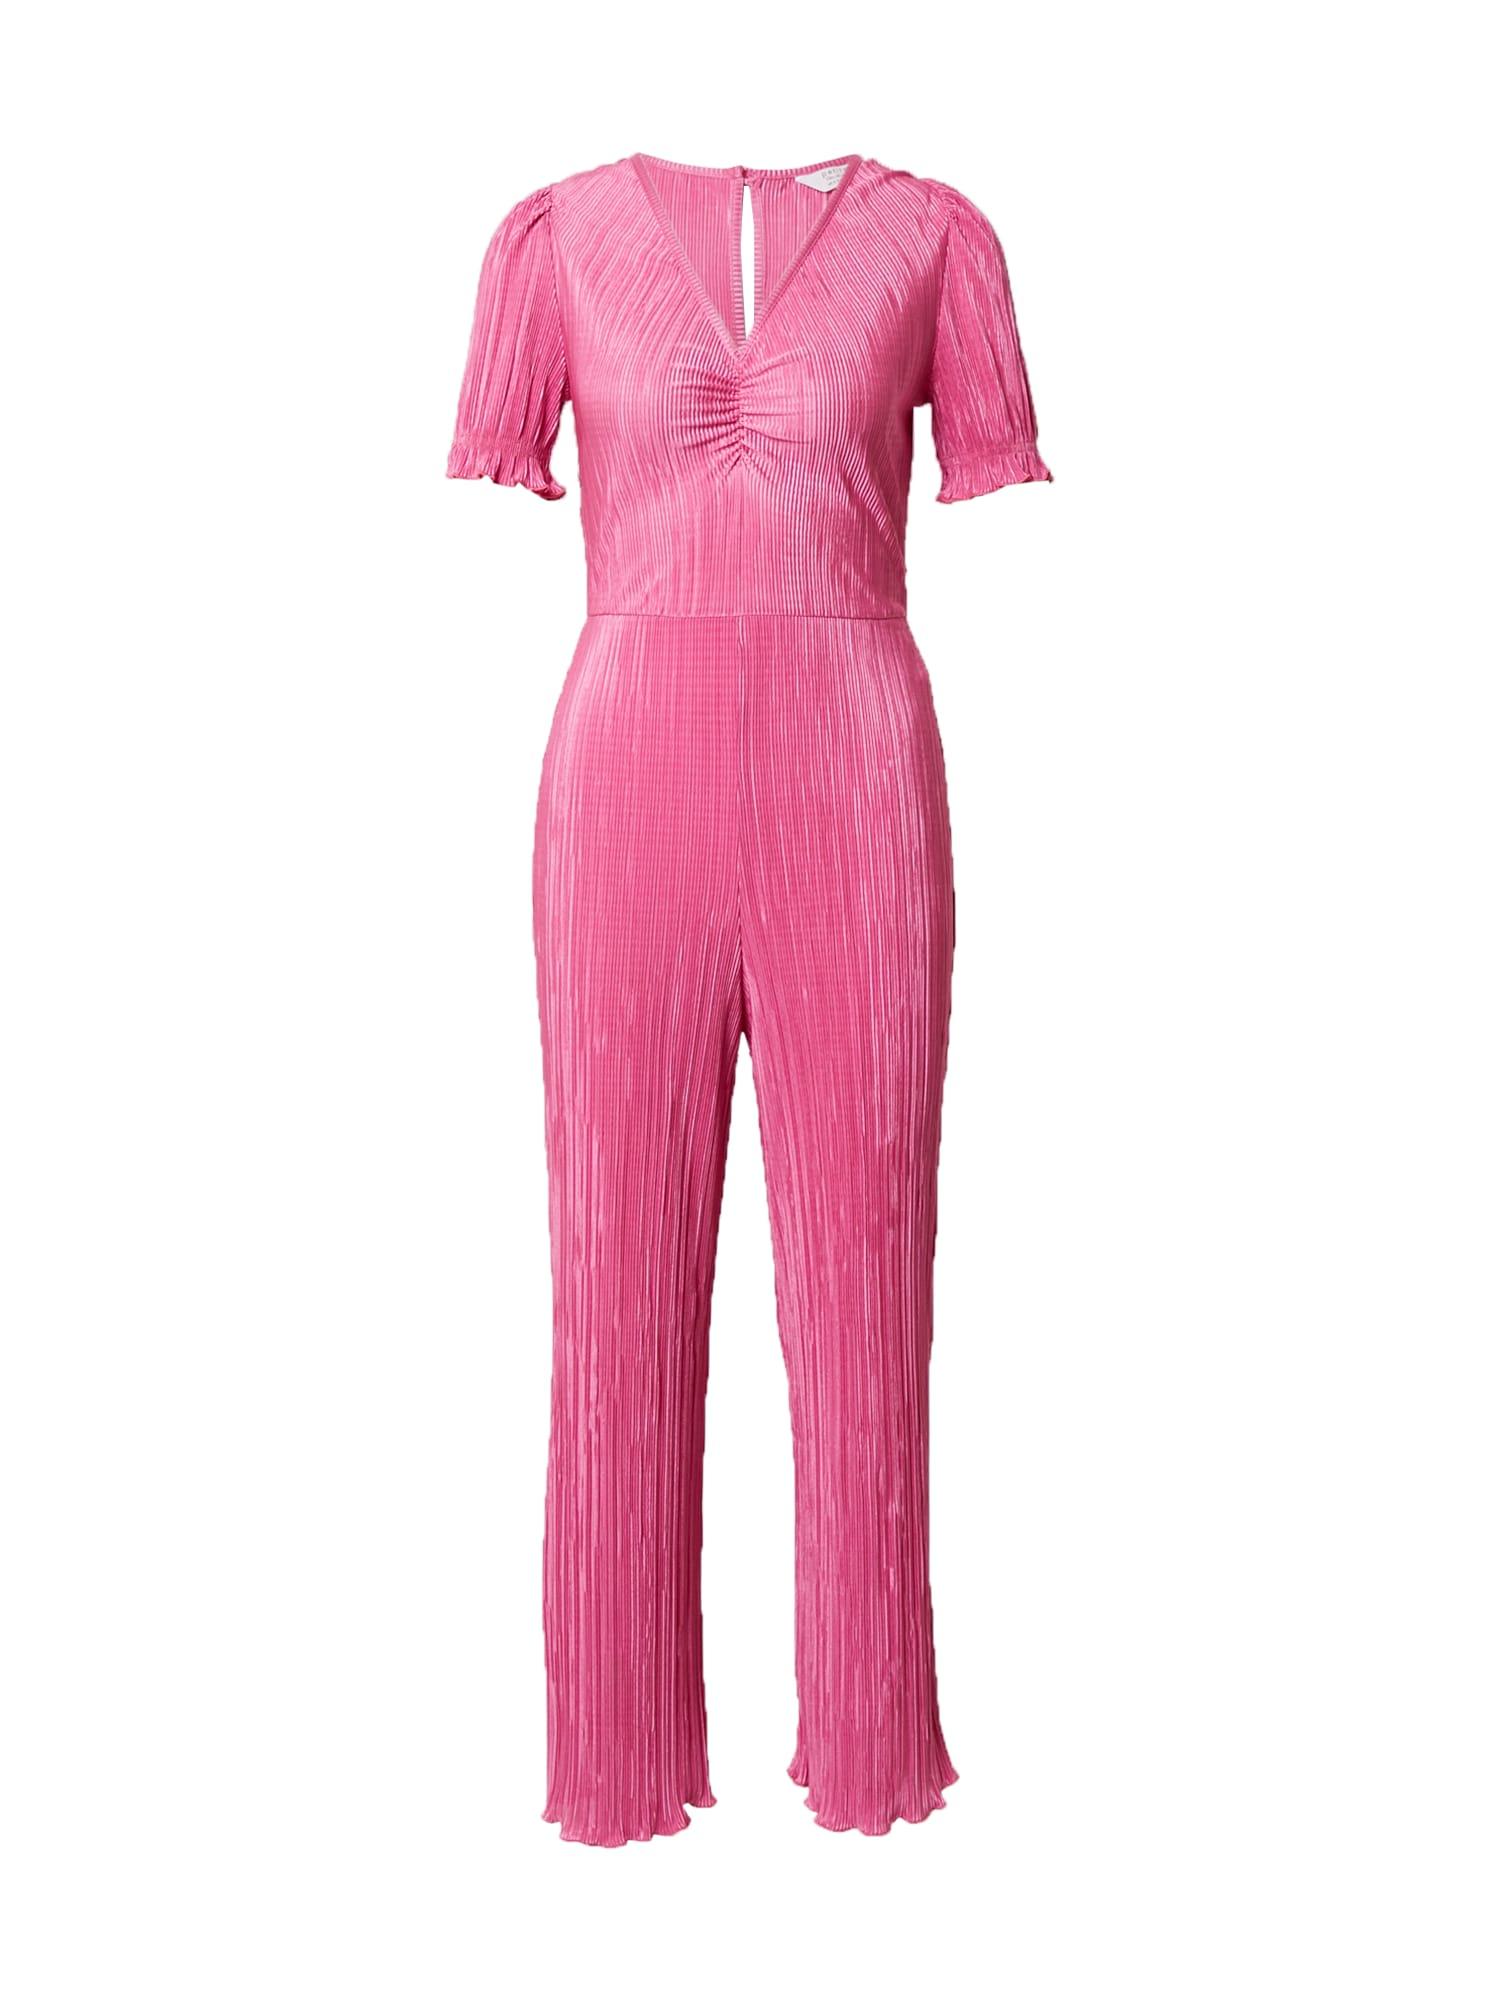 Miss Selfridge (Petite) Vienos dalies kostiumas rožinė